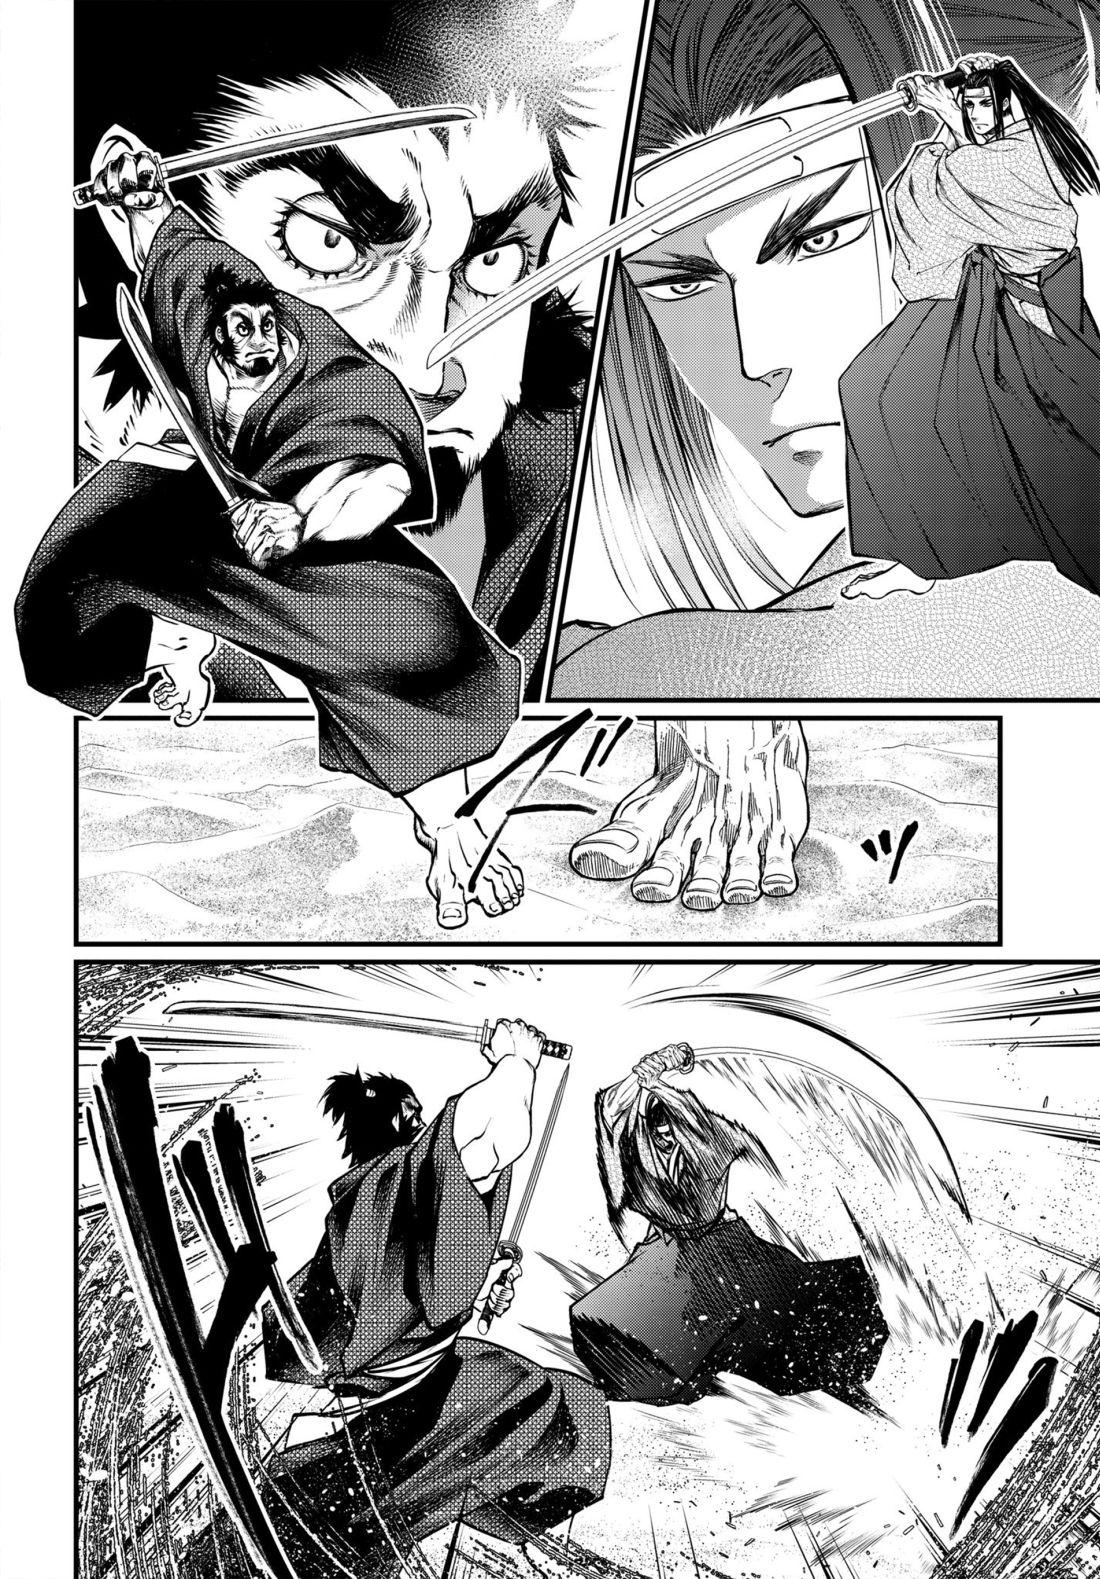 อ่านการ์ตูน Shuumatsu no Walkure ตอนที่ 17 หน้าที่ 19